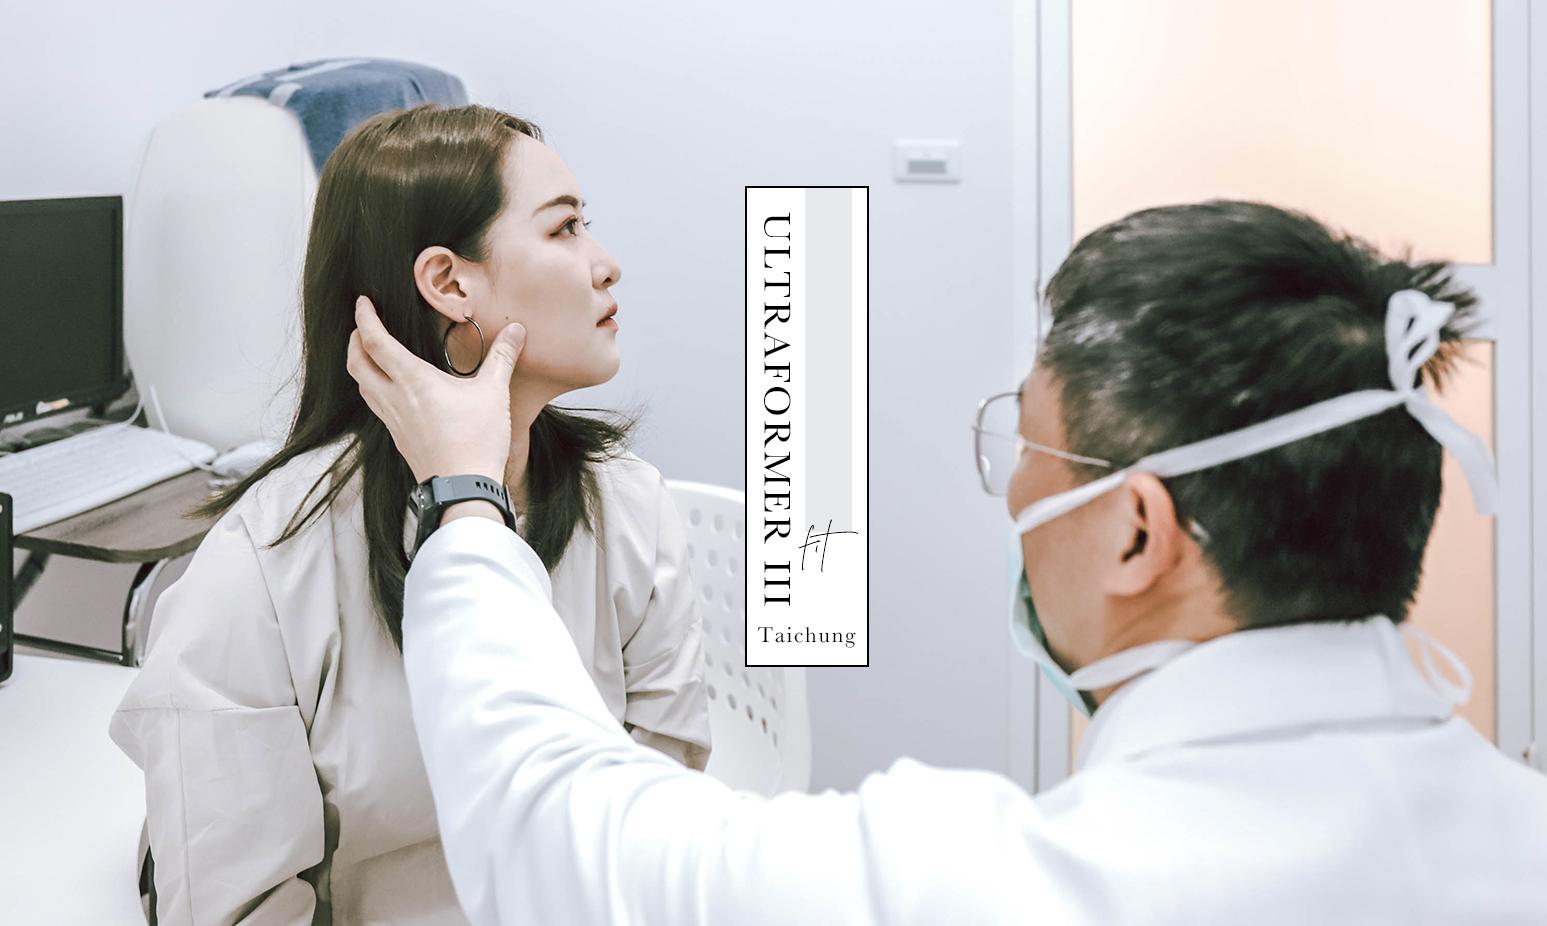 醫美|婚前懶人醫美,小臉線條緊實術,完美上鏡:小荳瑞姿 第三代海芙音波拉提 ULTRAFORMER III